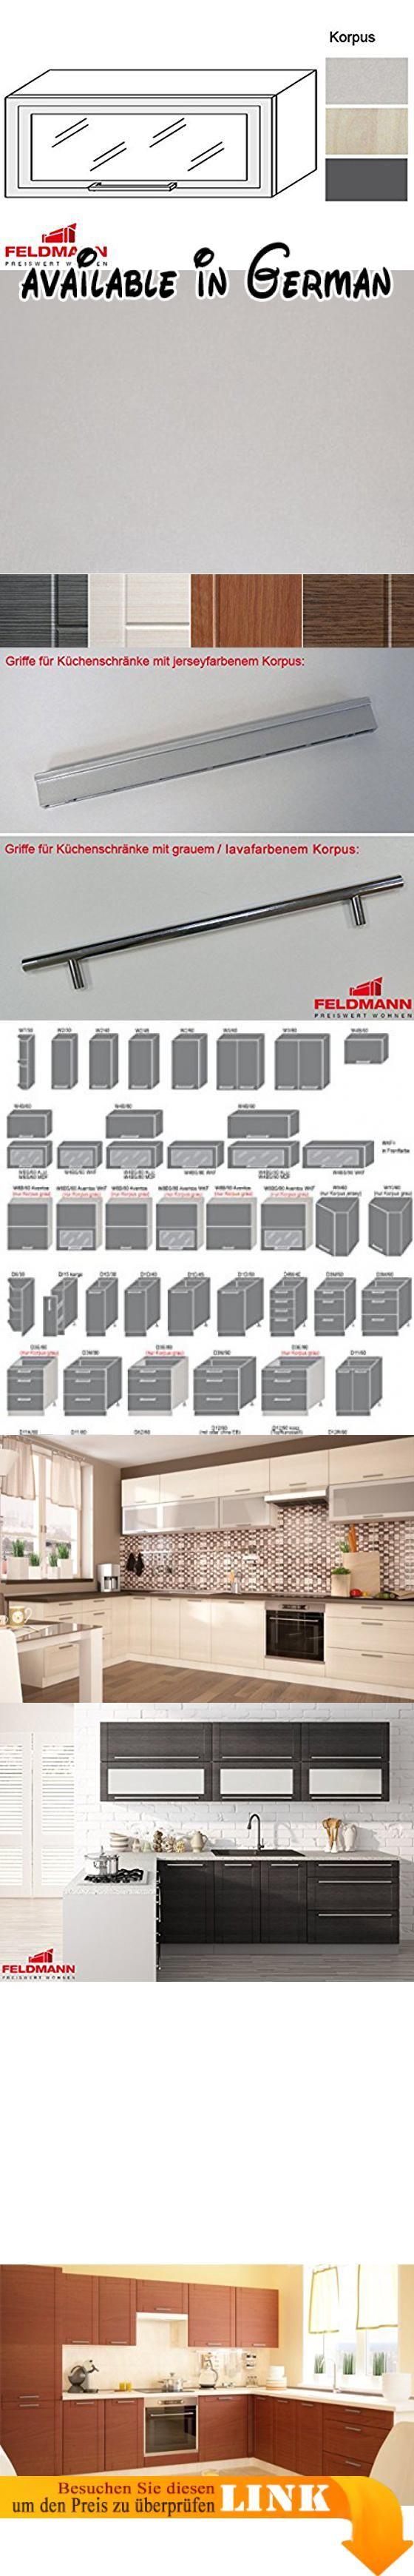 top ergebnis 50 frisch k chenunterschr nke gebraucht foto 2018 ldkt 2017 esszimmer deckenleuchten. Black Bedroom Furniture Sets. Home Design Ideas